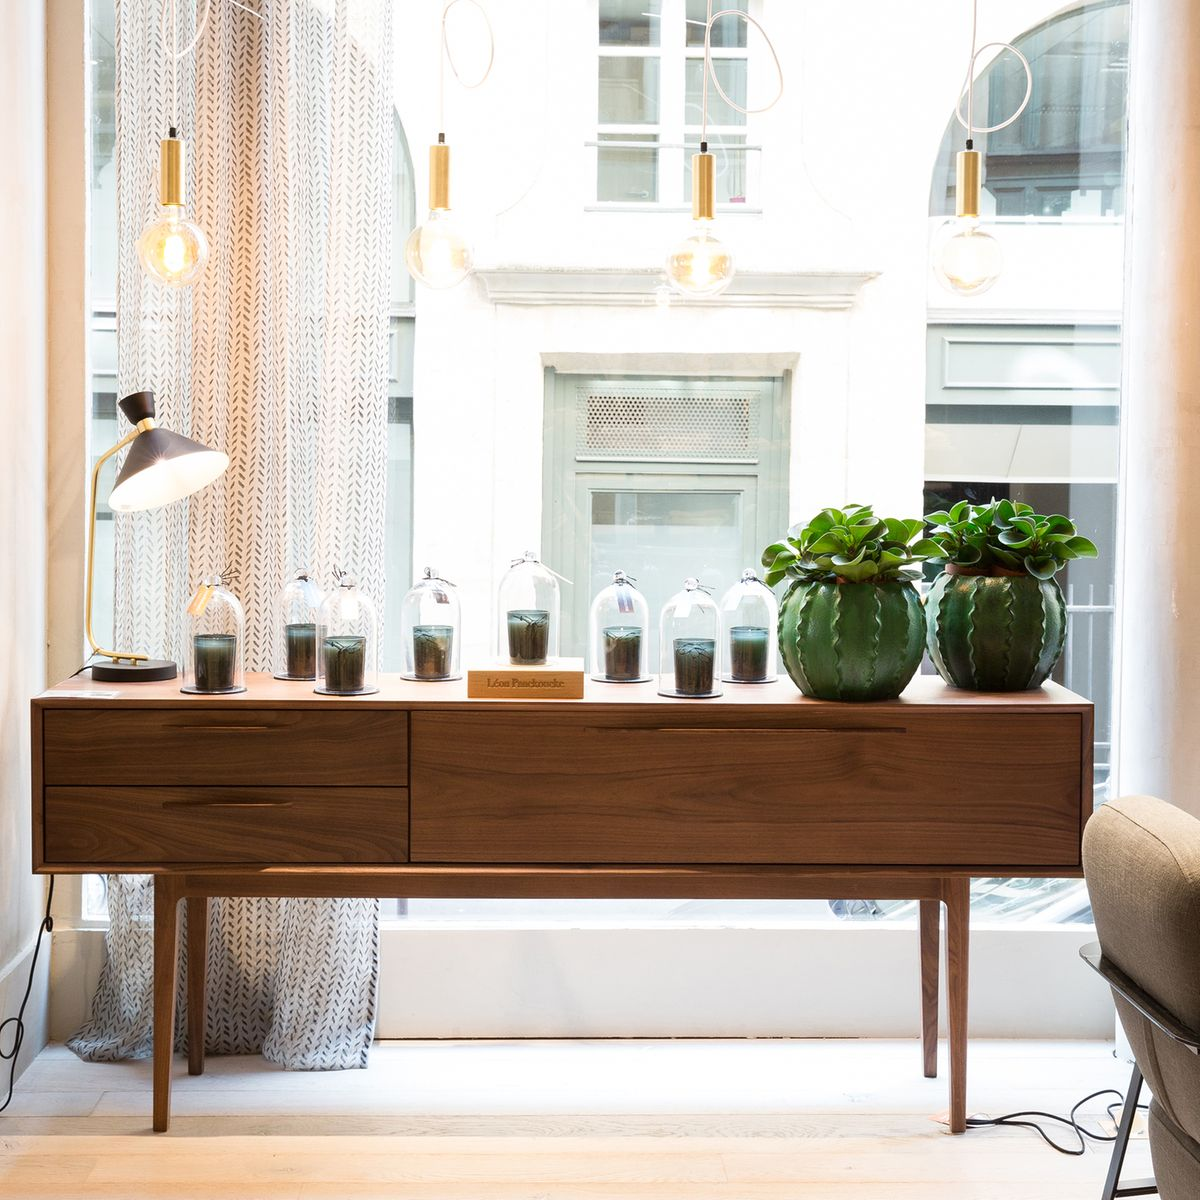 La Redoute Ameublement Chambre meubles de salle de bain la redoute sur iziva - iziva